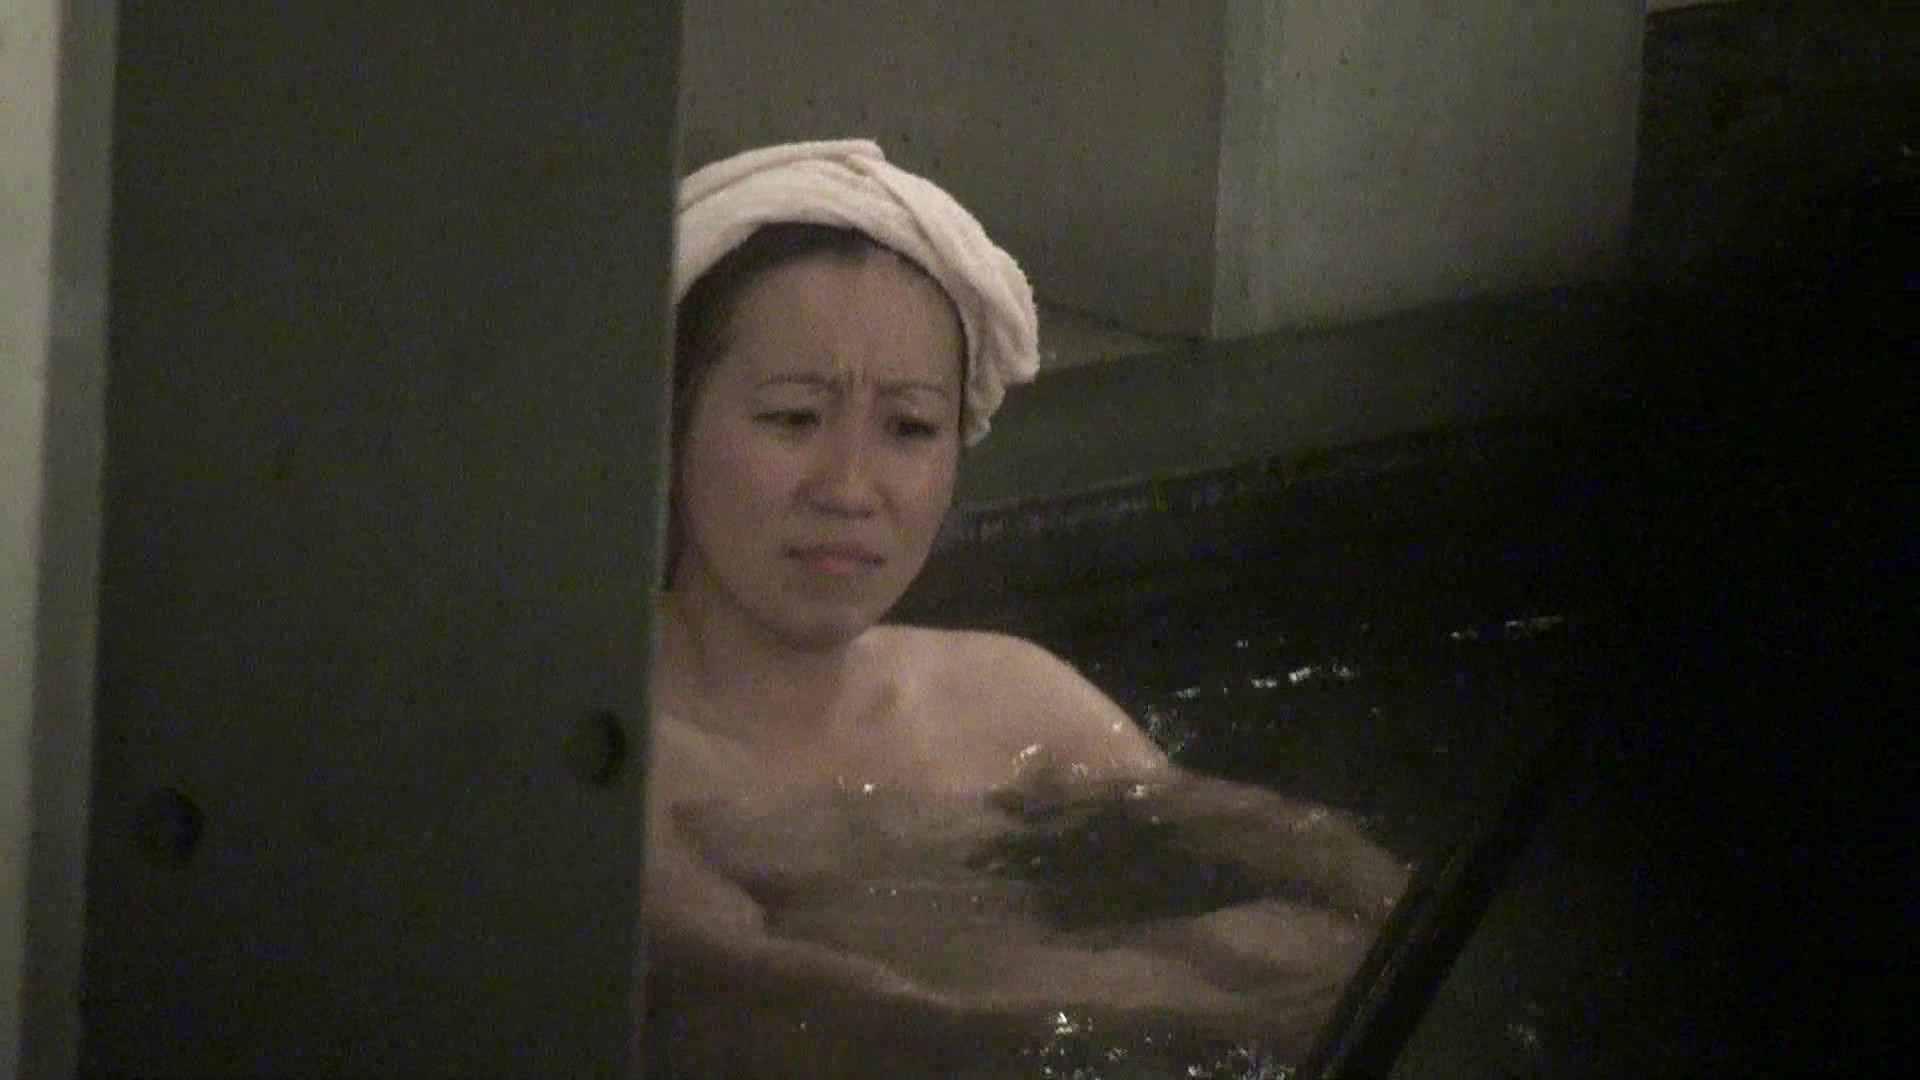 Aquaな露天風呂Vol.416 OLセックス 盗撮えろ無修正画像 52画像 20